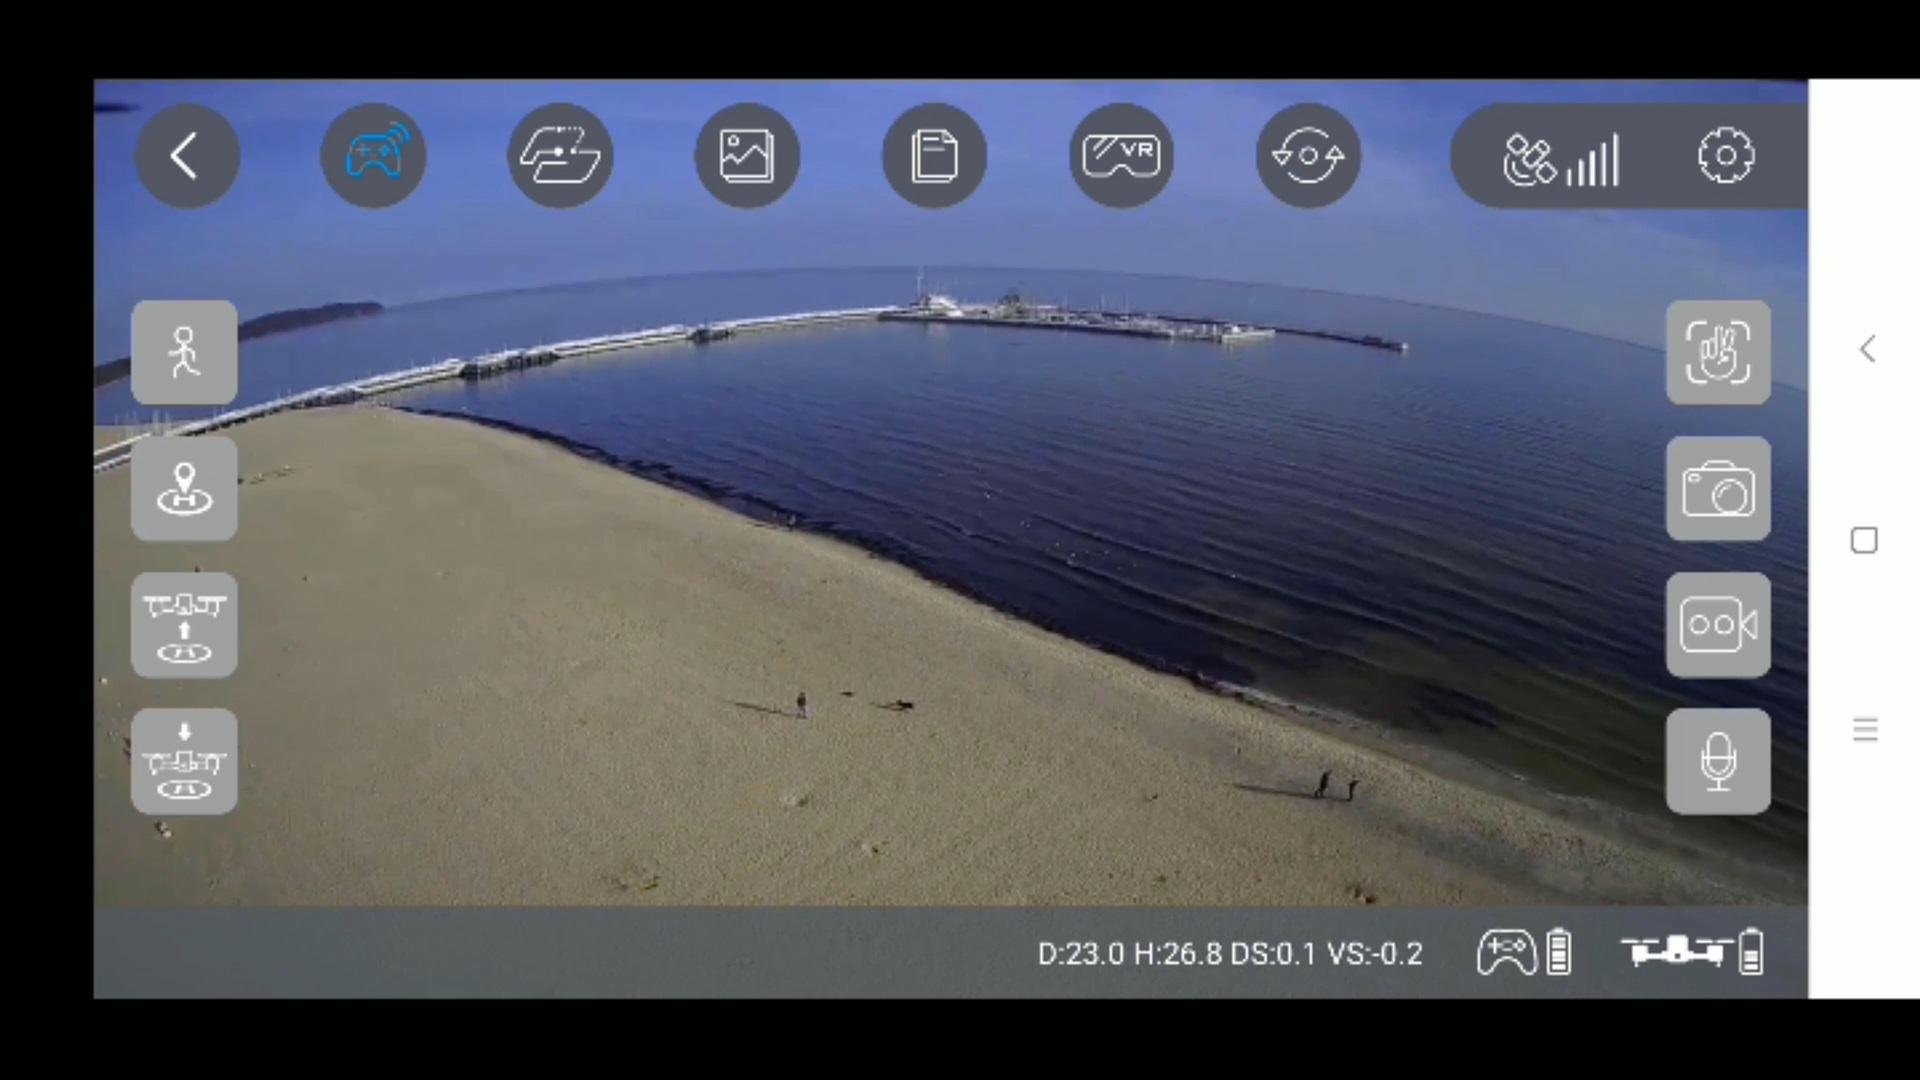 Recenzja drona SJRC F11 PRO - obracanie się - widok na telefonie